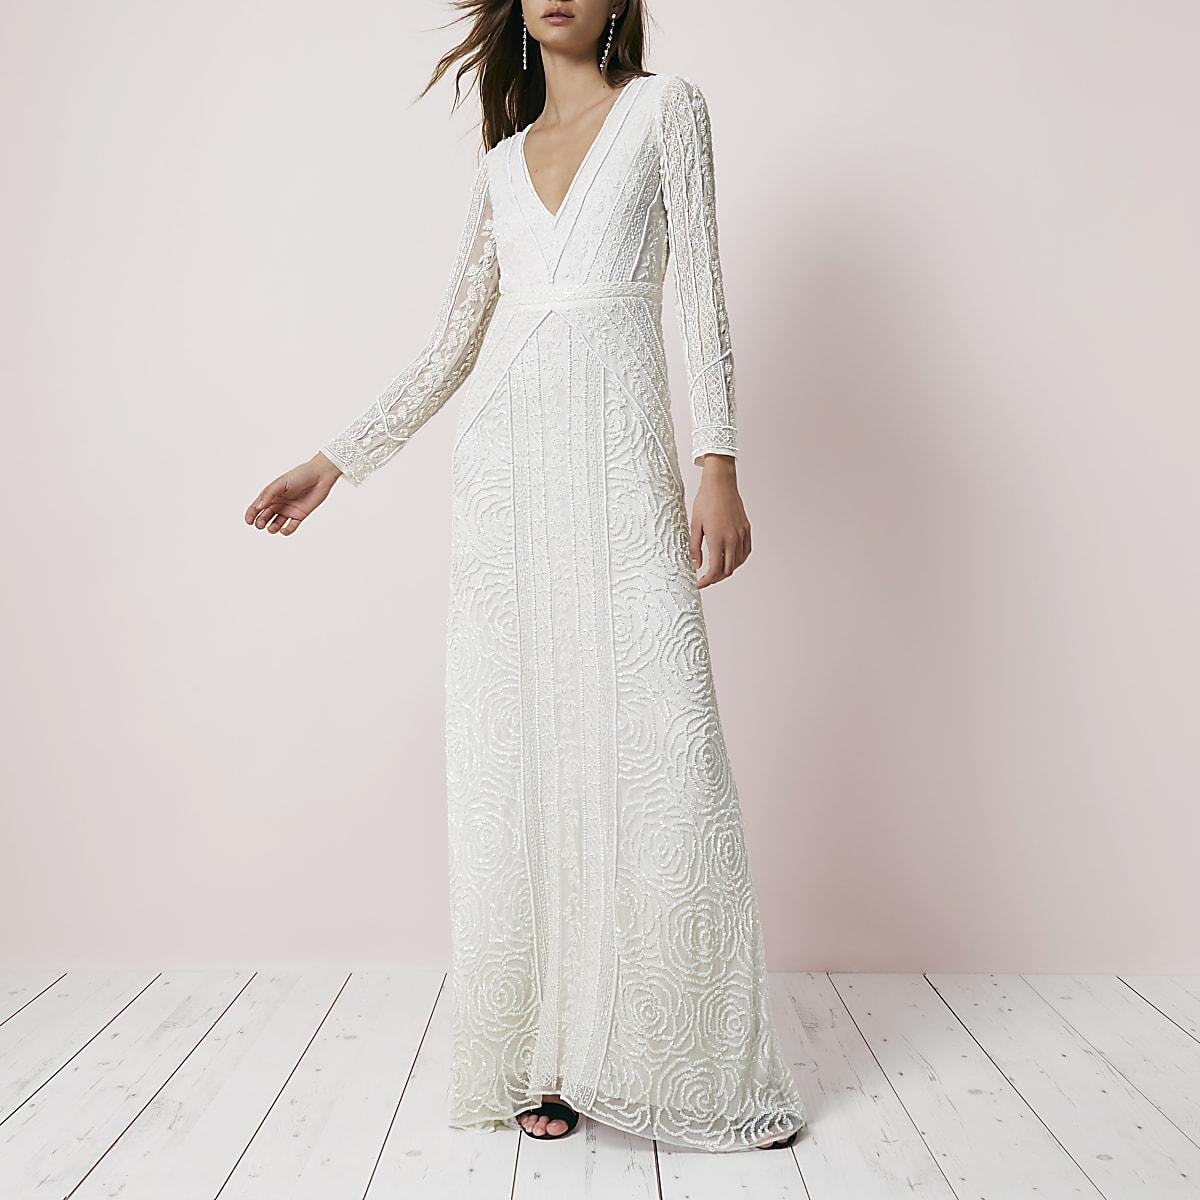 7e3ec2bd03 Cream sequin long sleeve maxi dress - Maxi Dresses - Dresses - women